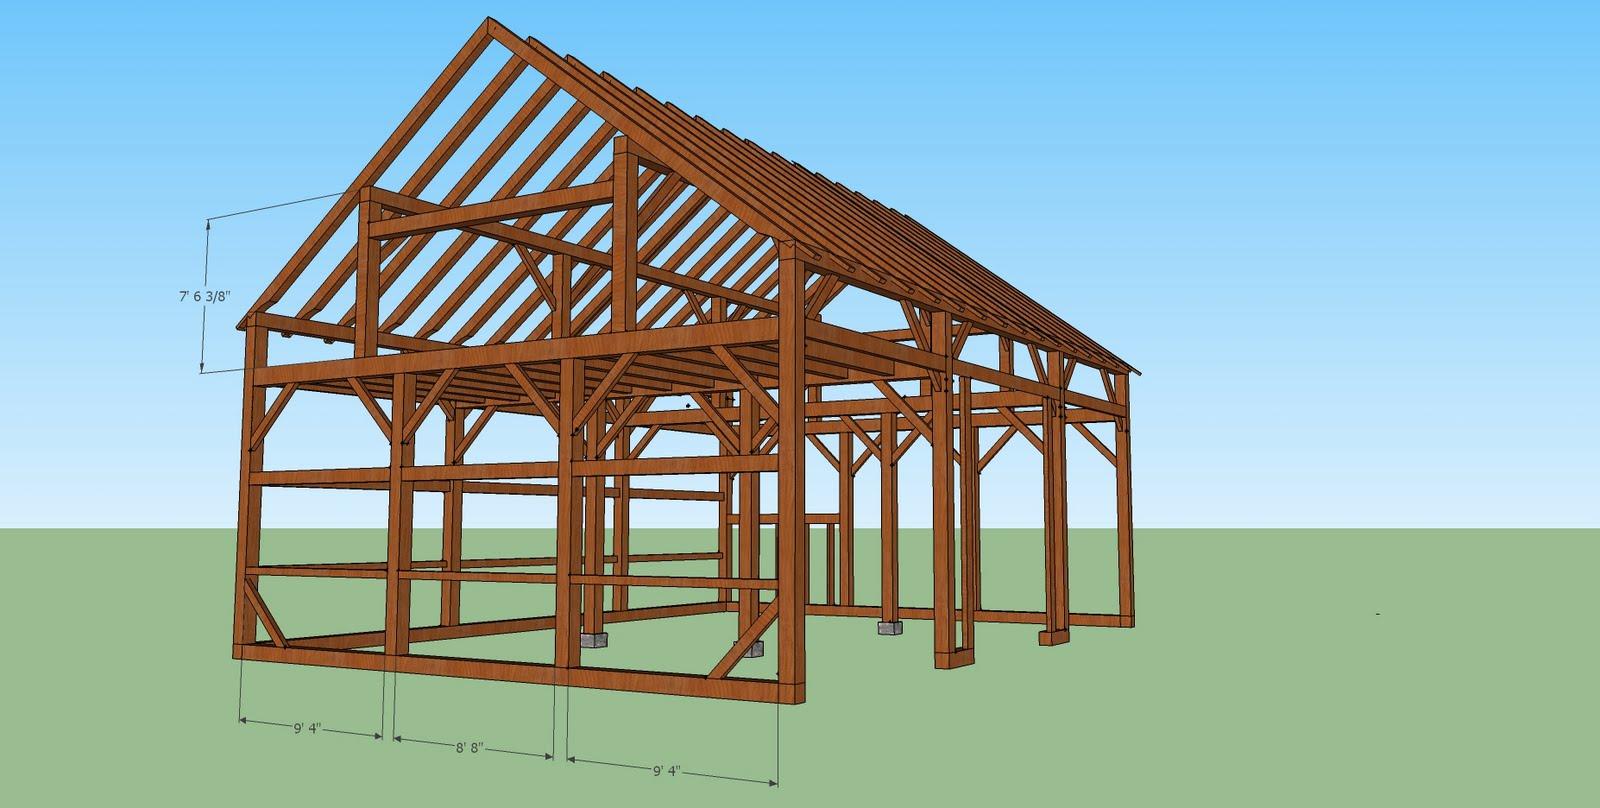 The new barn at High Ledge Farm.